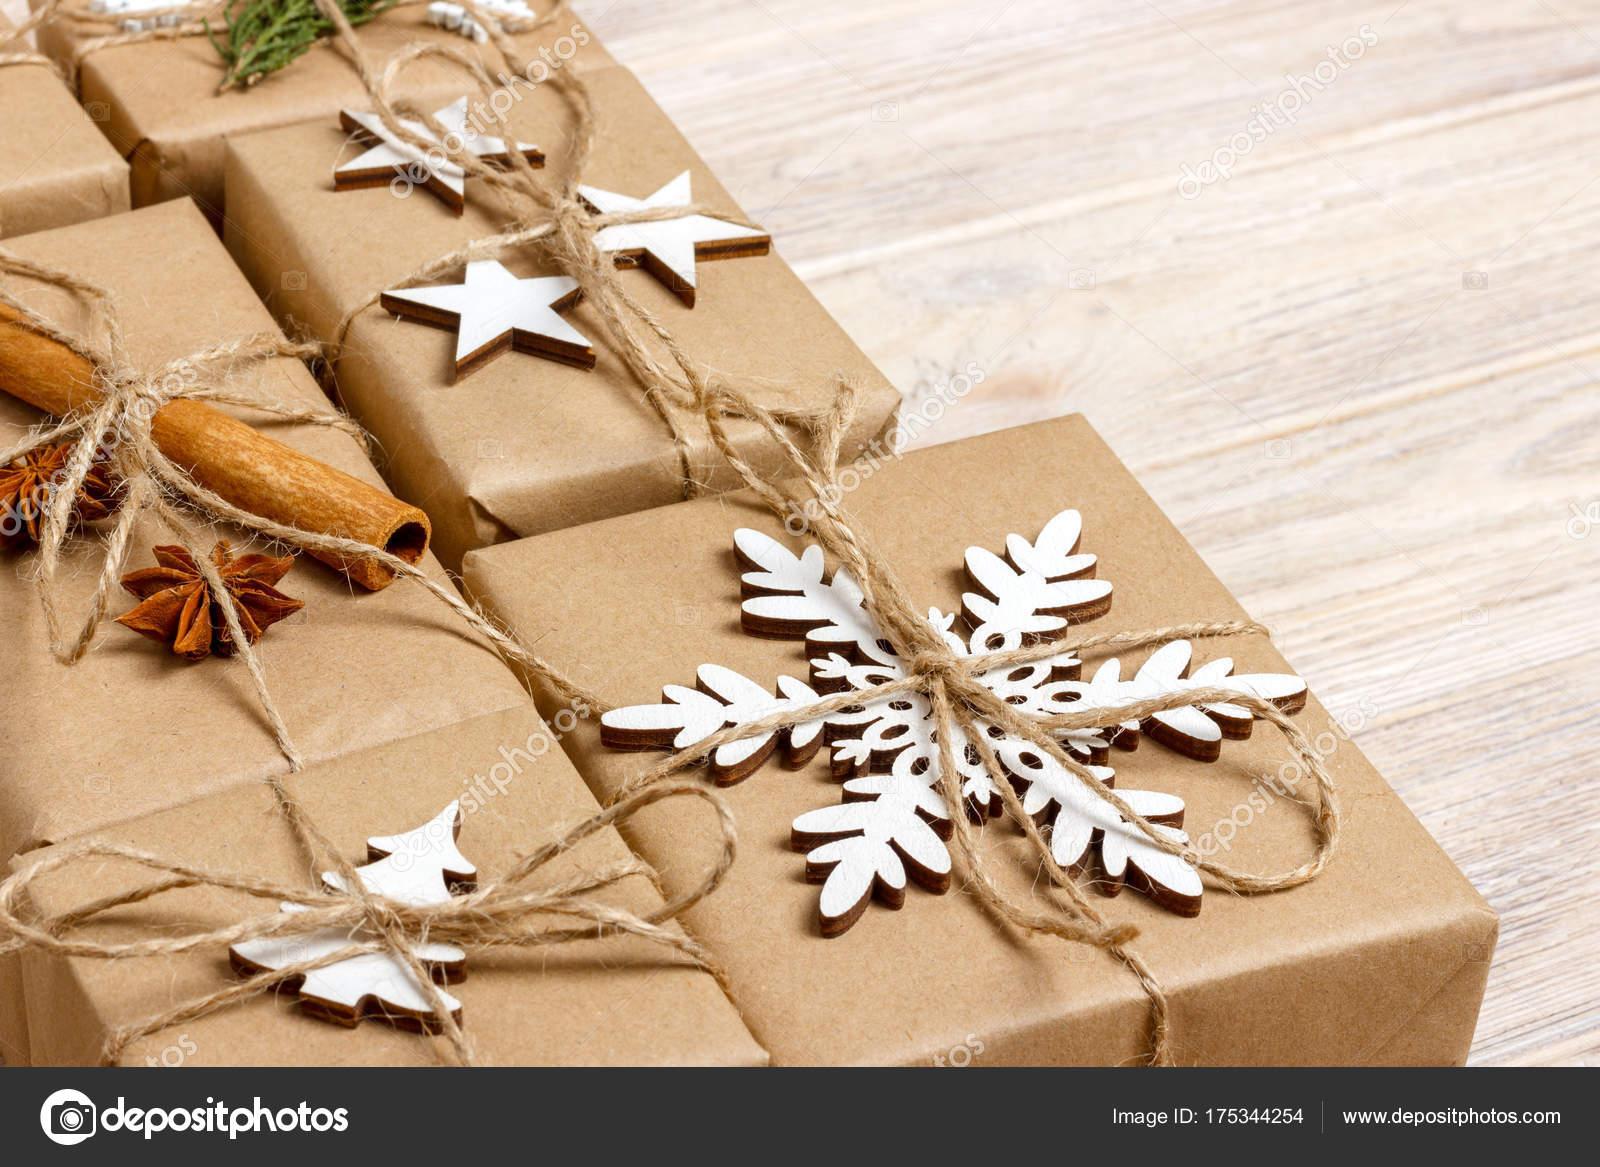 Regali Di Natale Artigianali.Regali Di Natale Fatti A Mano Artigianali O Capodanno Rustico